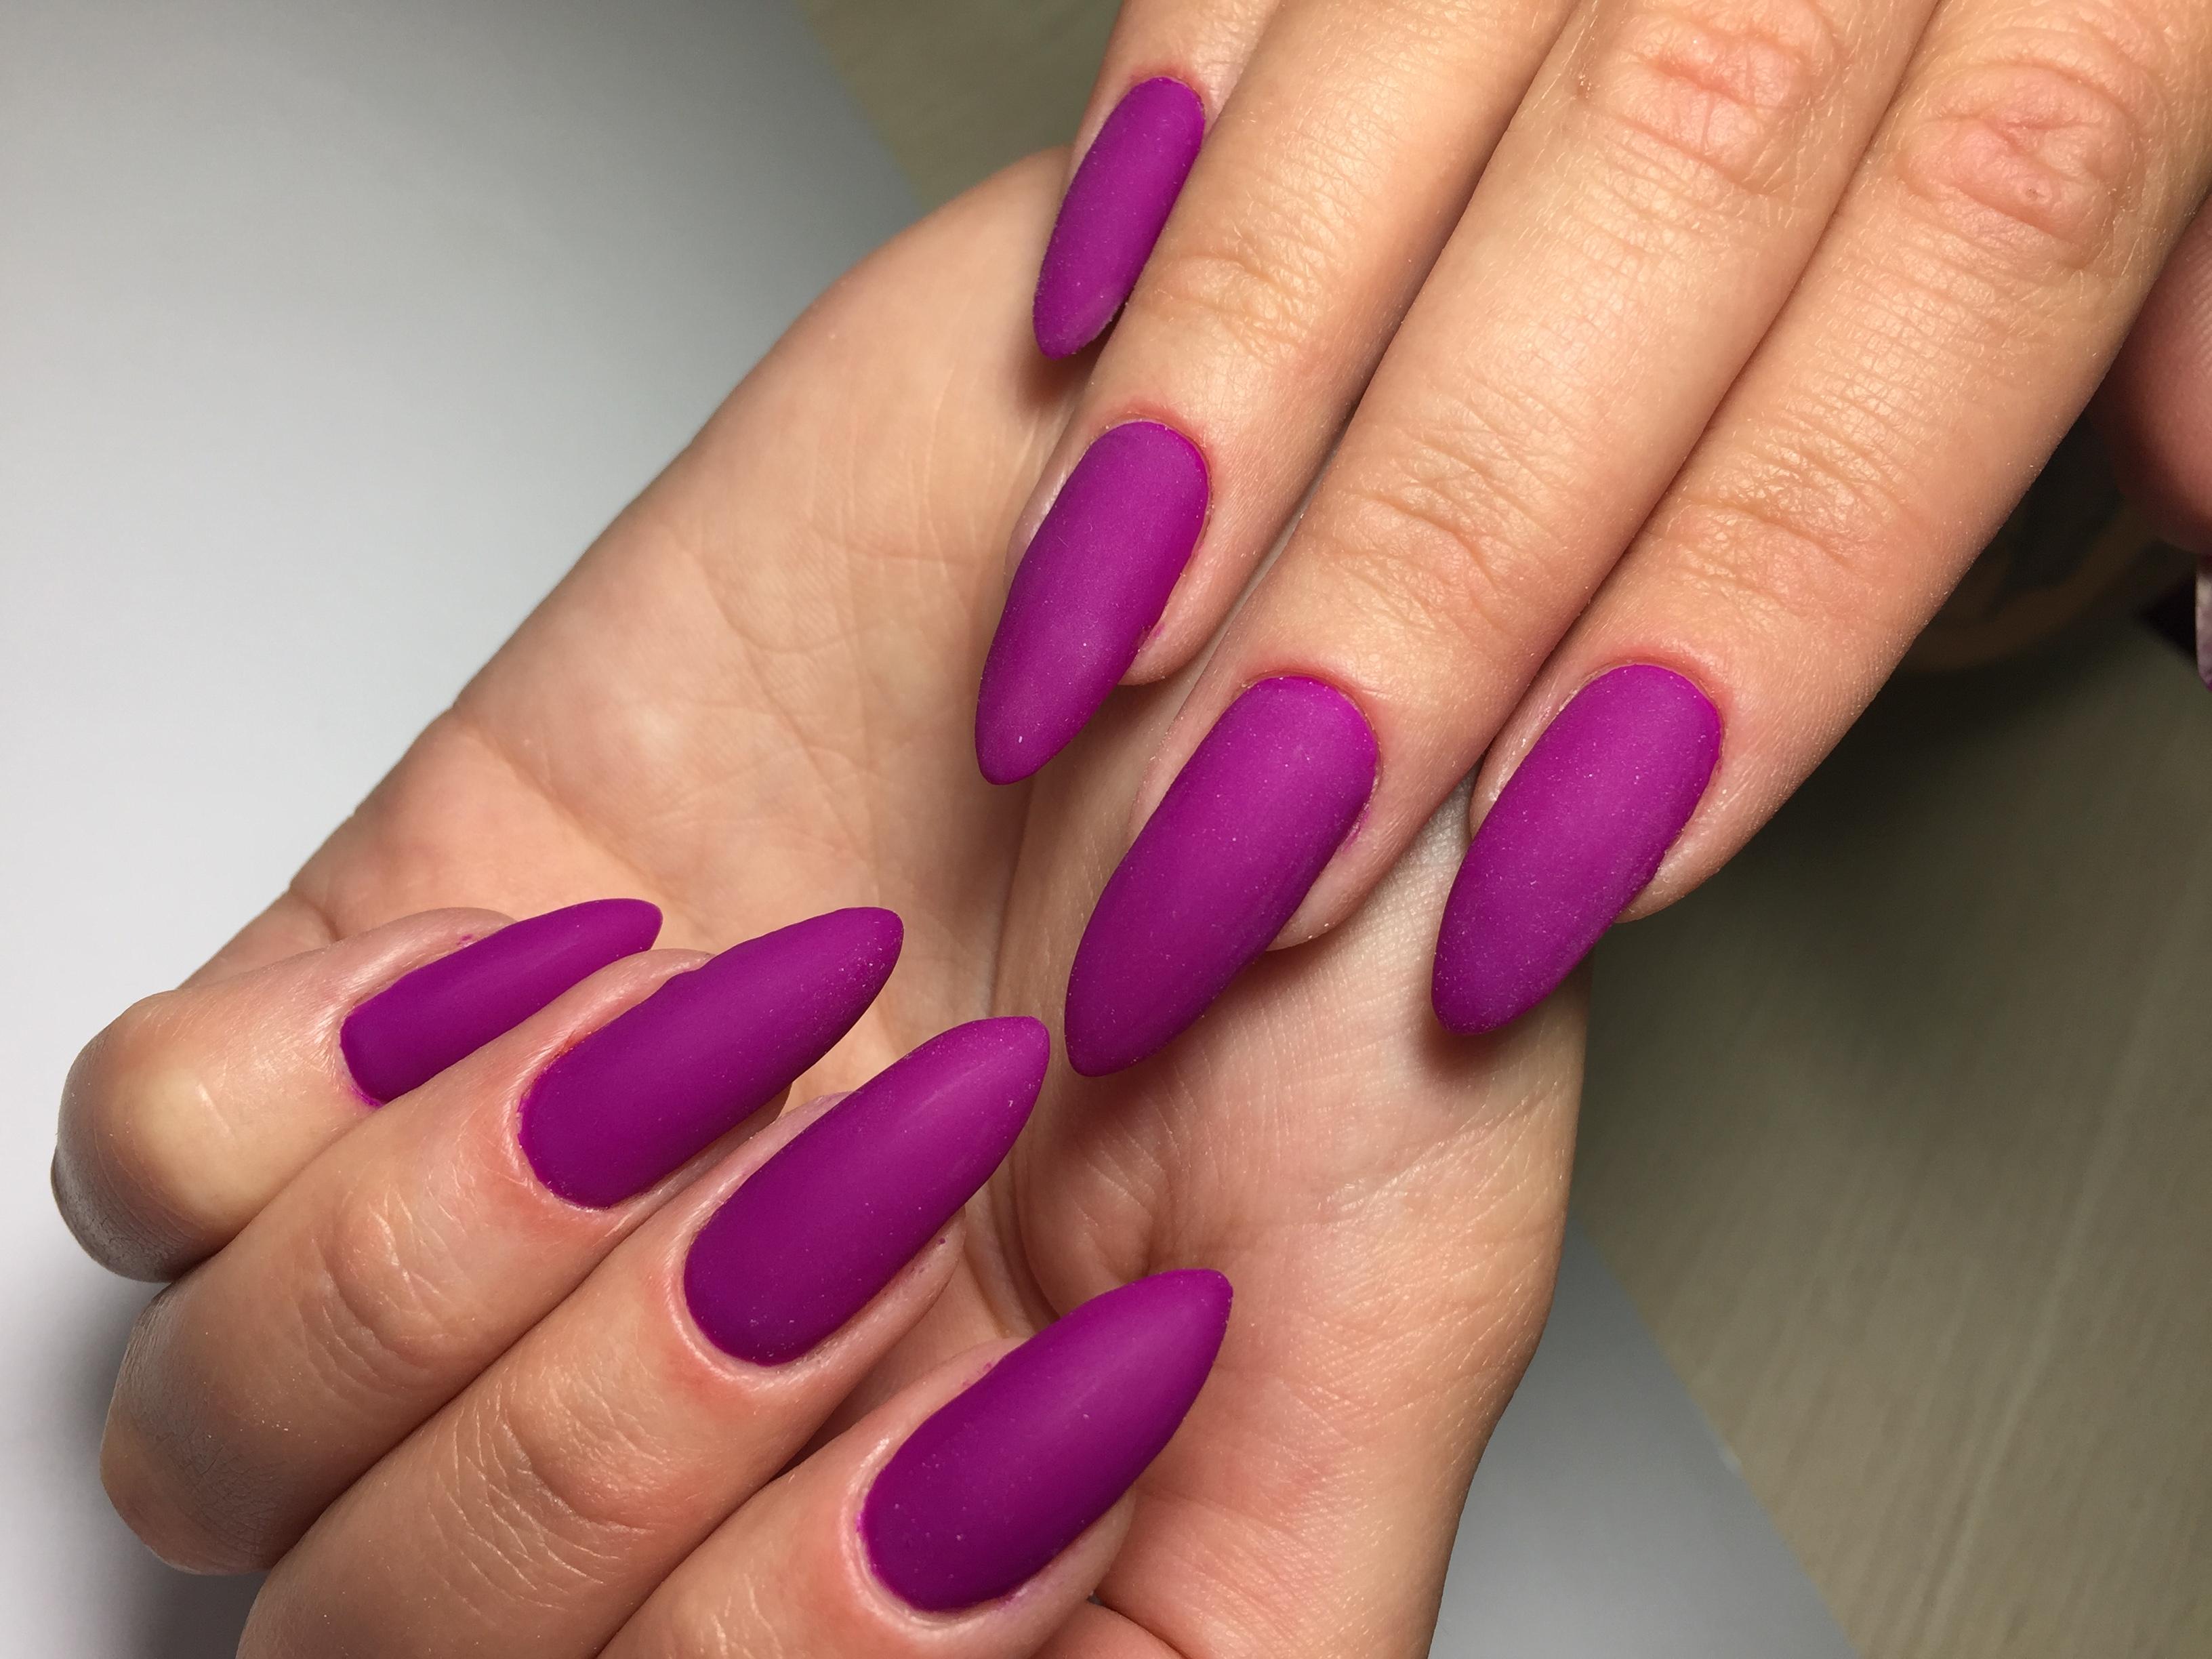 Матовый однотонный маникюр в фиолетовом цвете.